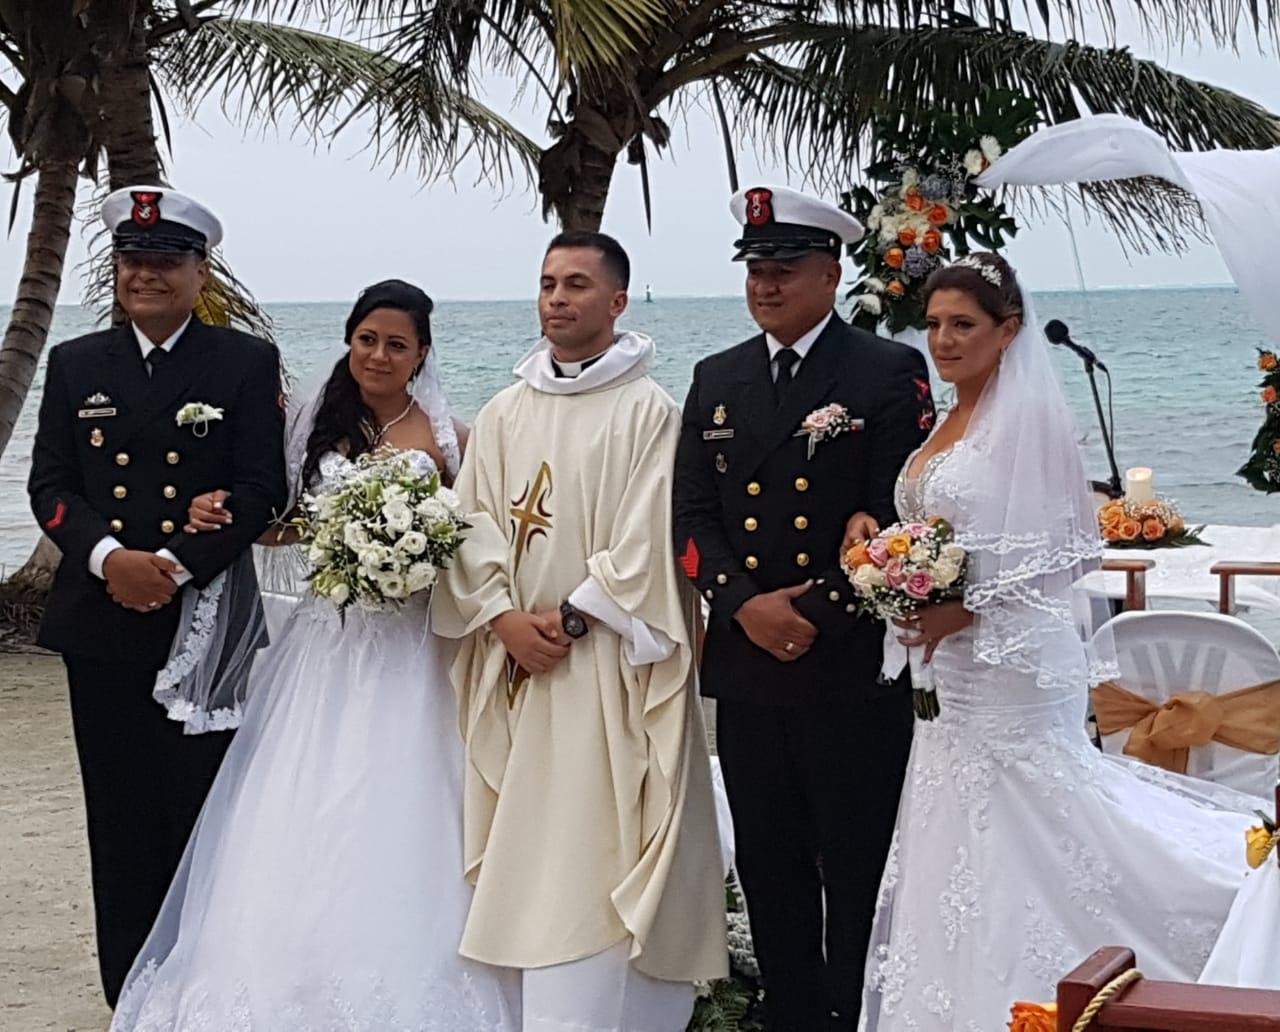 Matrimonios con el apoyo de la Acción Social Naval de San Andrés